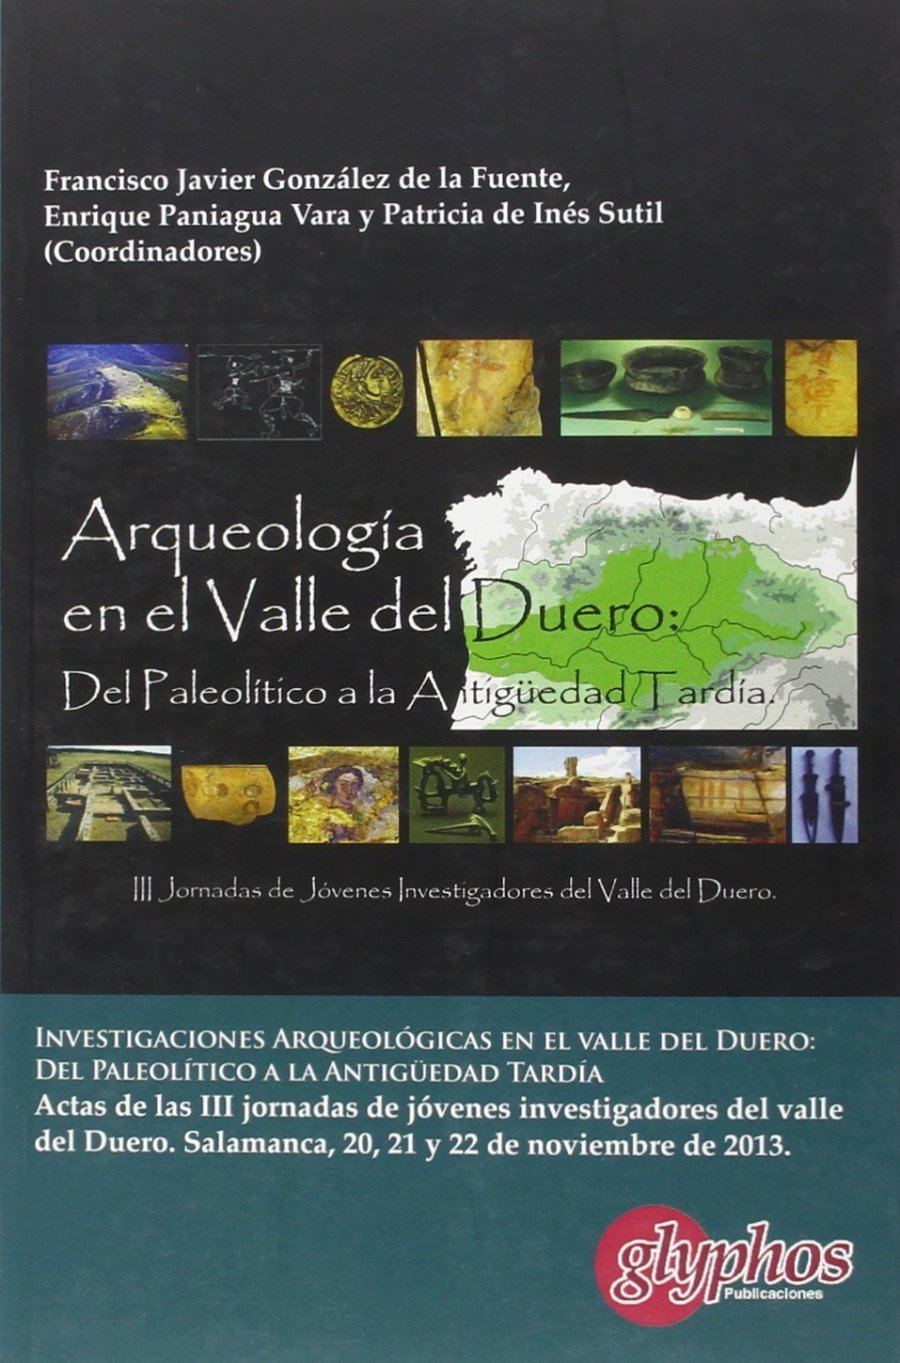 Actas de las III Jornadas de jóvenes investigadores del Valle del Duero. Del Paleolítico a la Antigüedad Tardía Book Cover